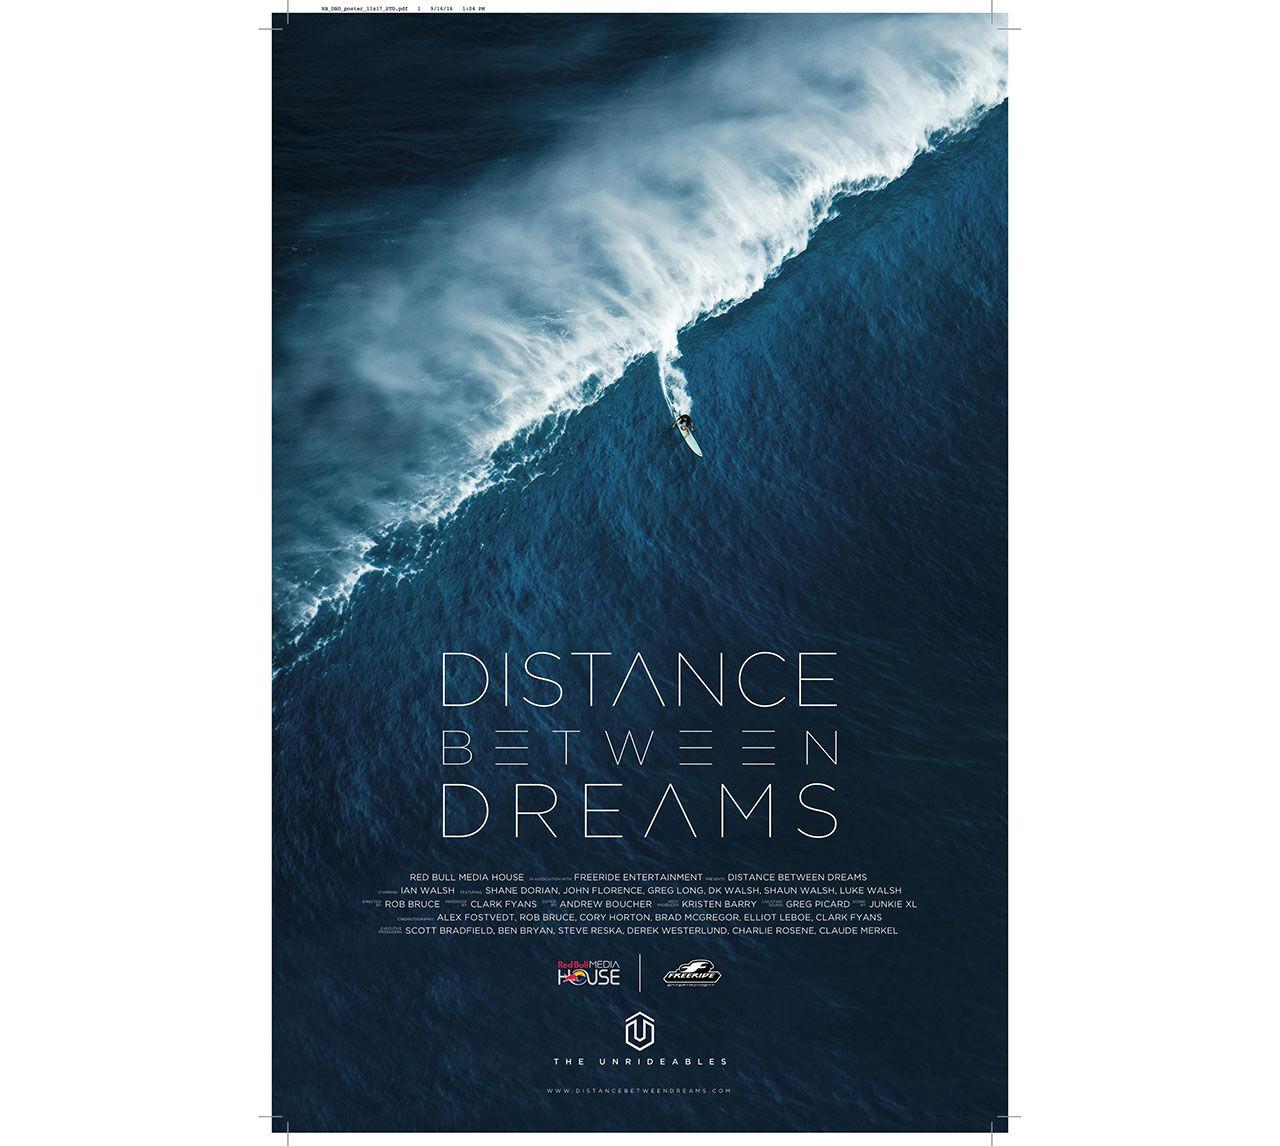 Det vackra och farliga med att surfa stora vågor